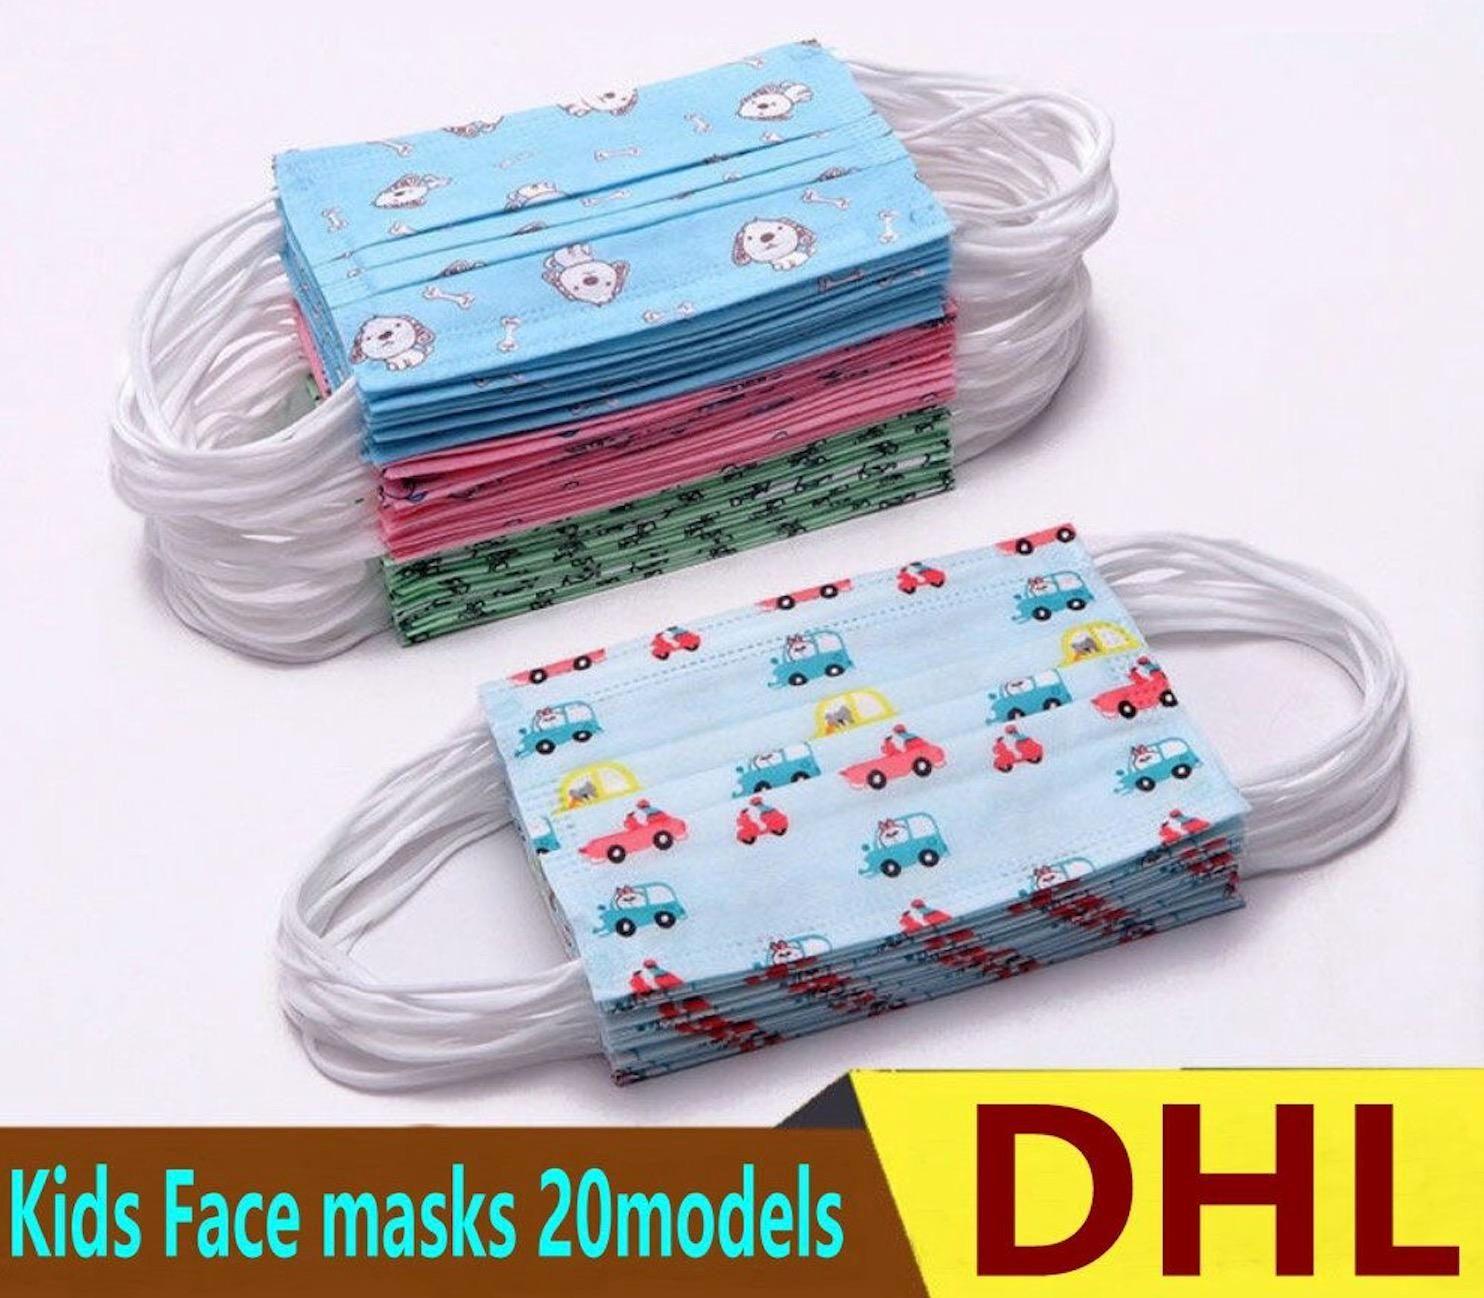 만화 아이 마스크 개별 팩 디자이너 얼굴 패션 아이의 얼굴 무료 어린이 3 층 일회용 보호 입 DHL 마스크 마스크